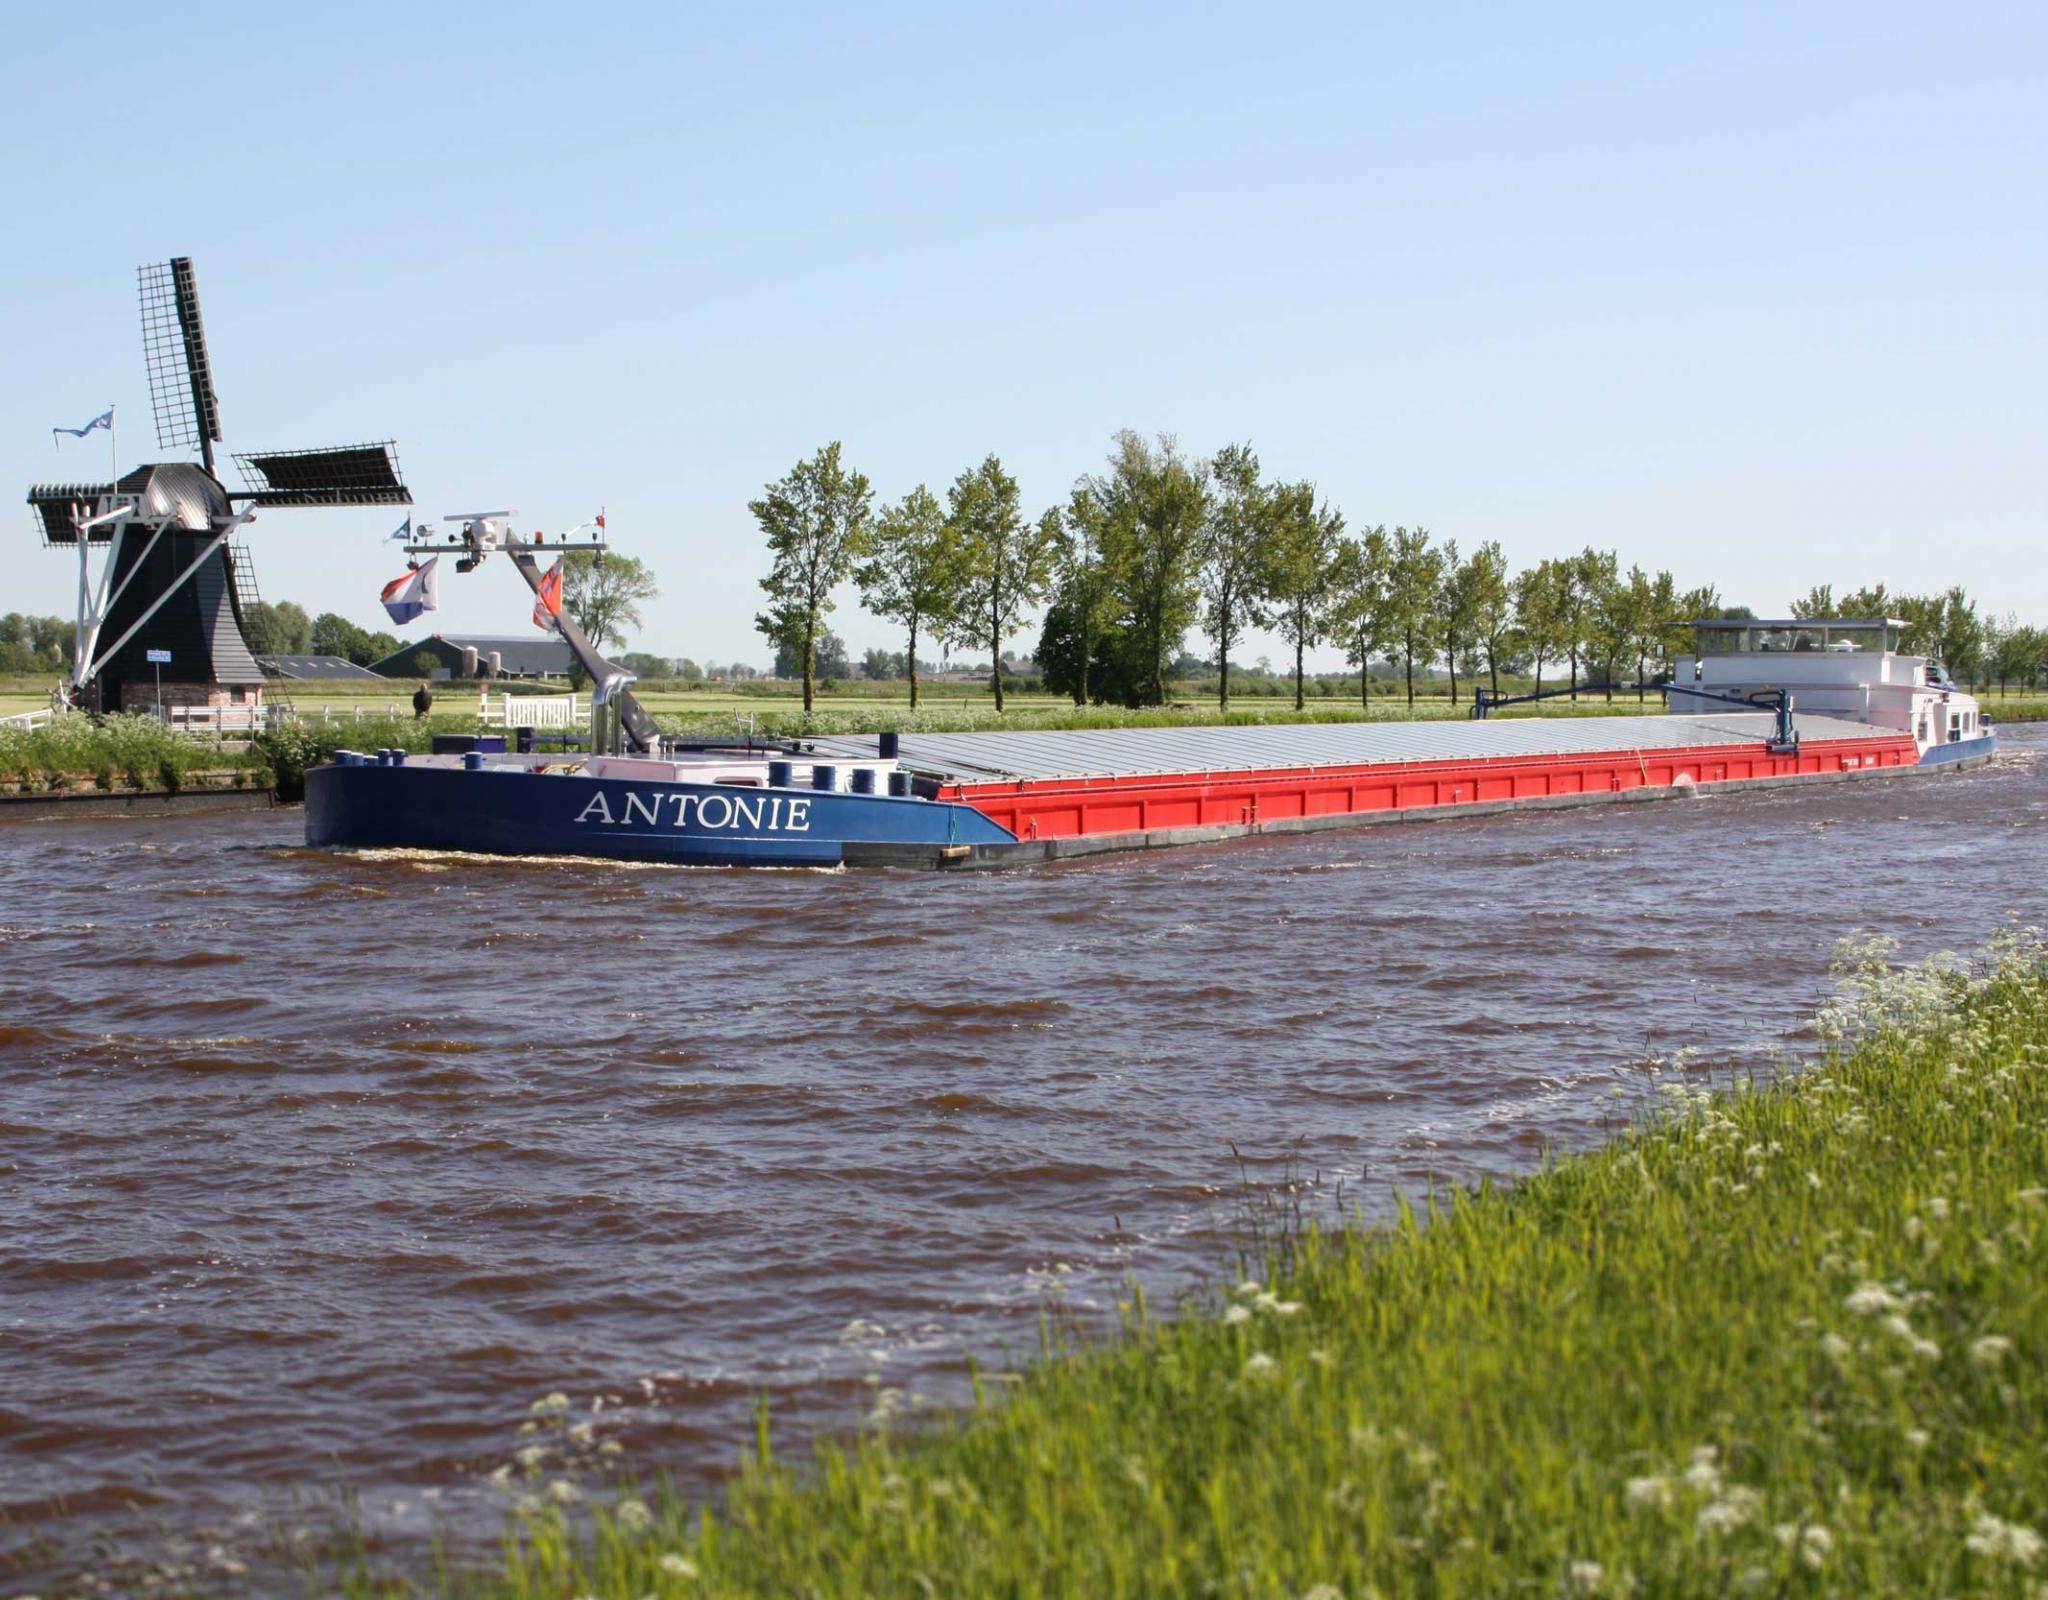 Bekend voorbeeld van een schip met een innovatieve oplossing: de Antonie gaat op waterstof varen.